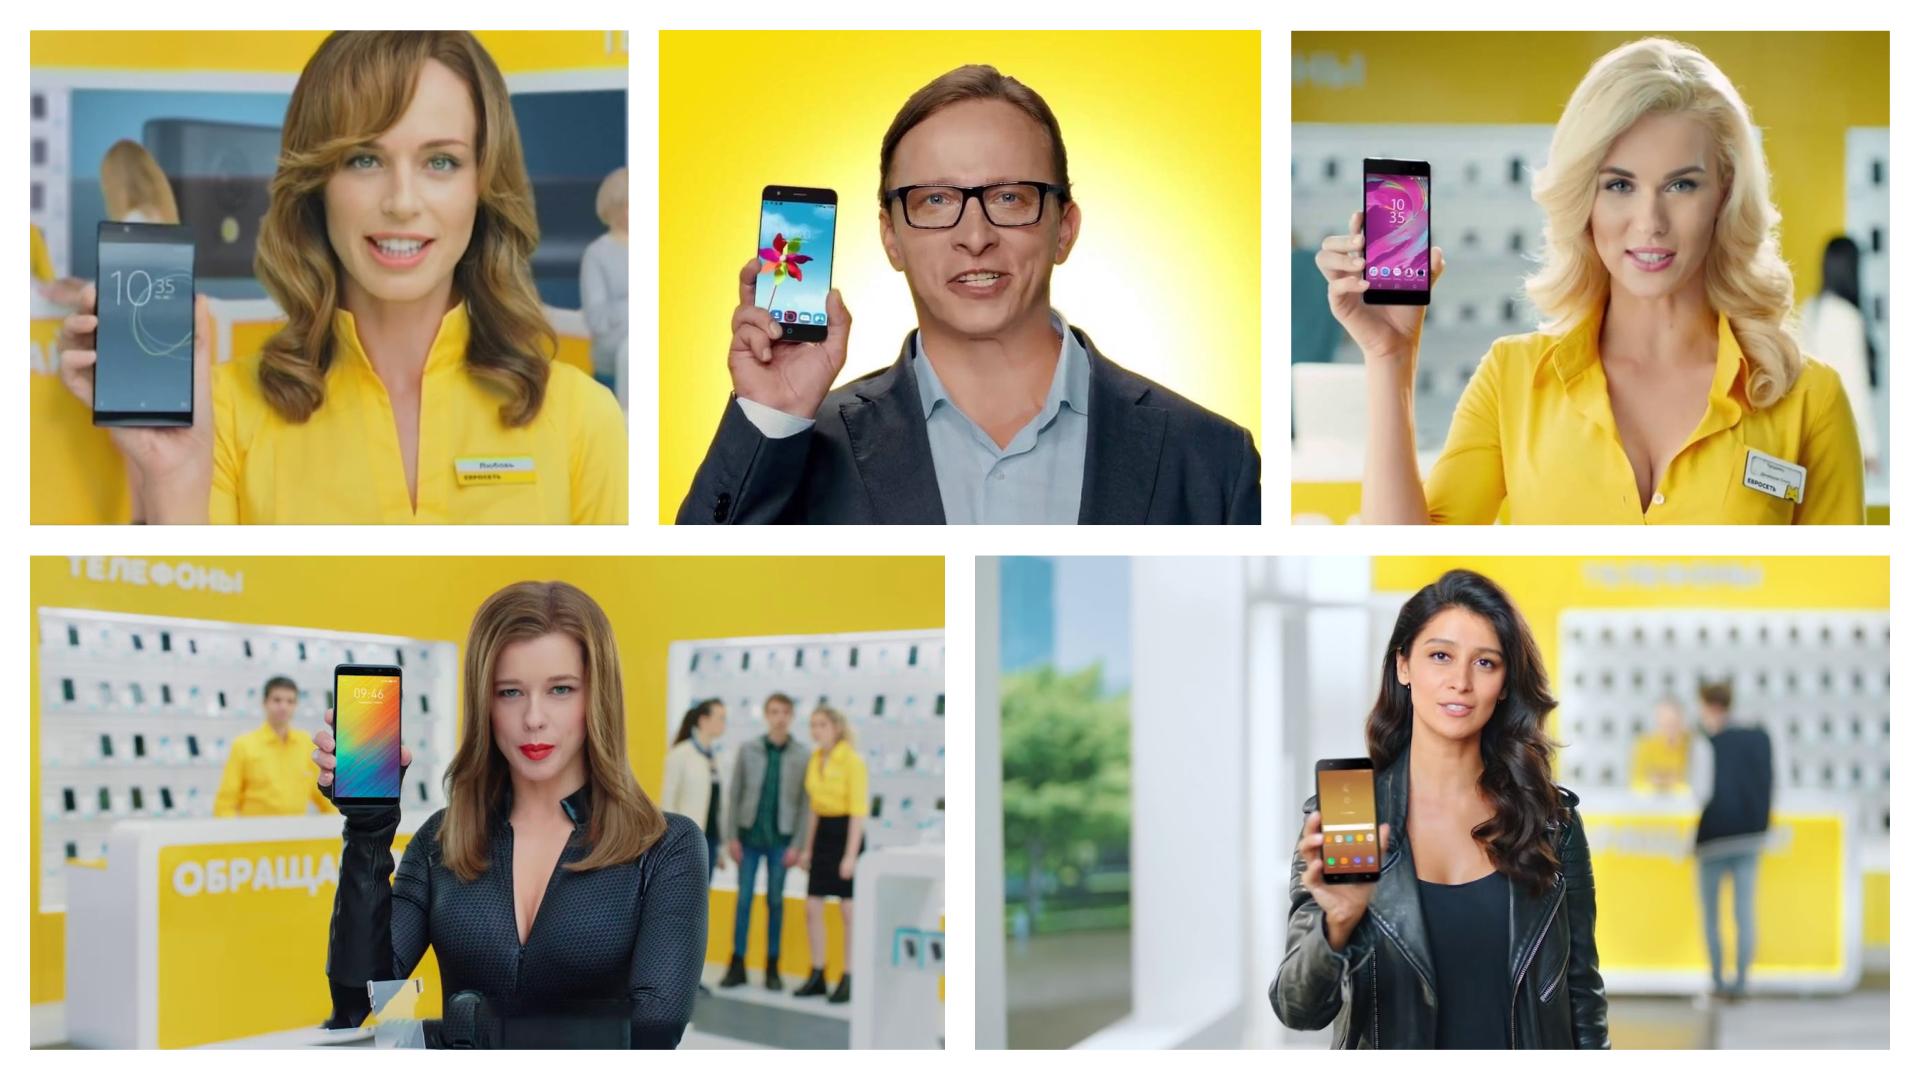 Покупка мобильной электроники в trade-in становится все популярнее у россиян